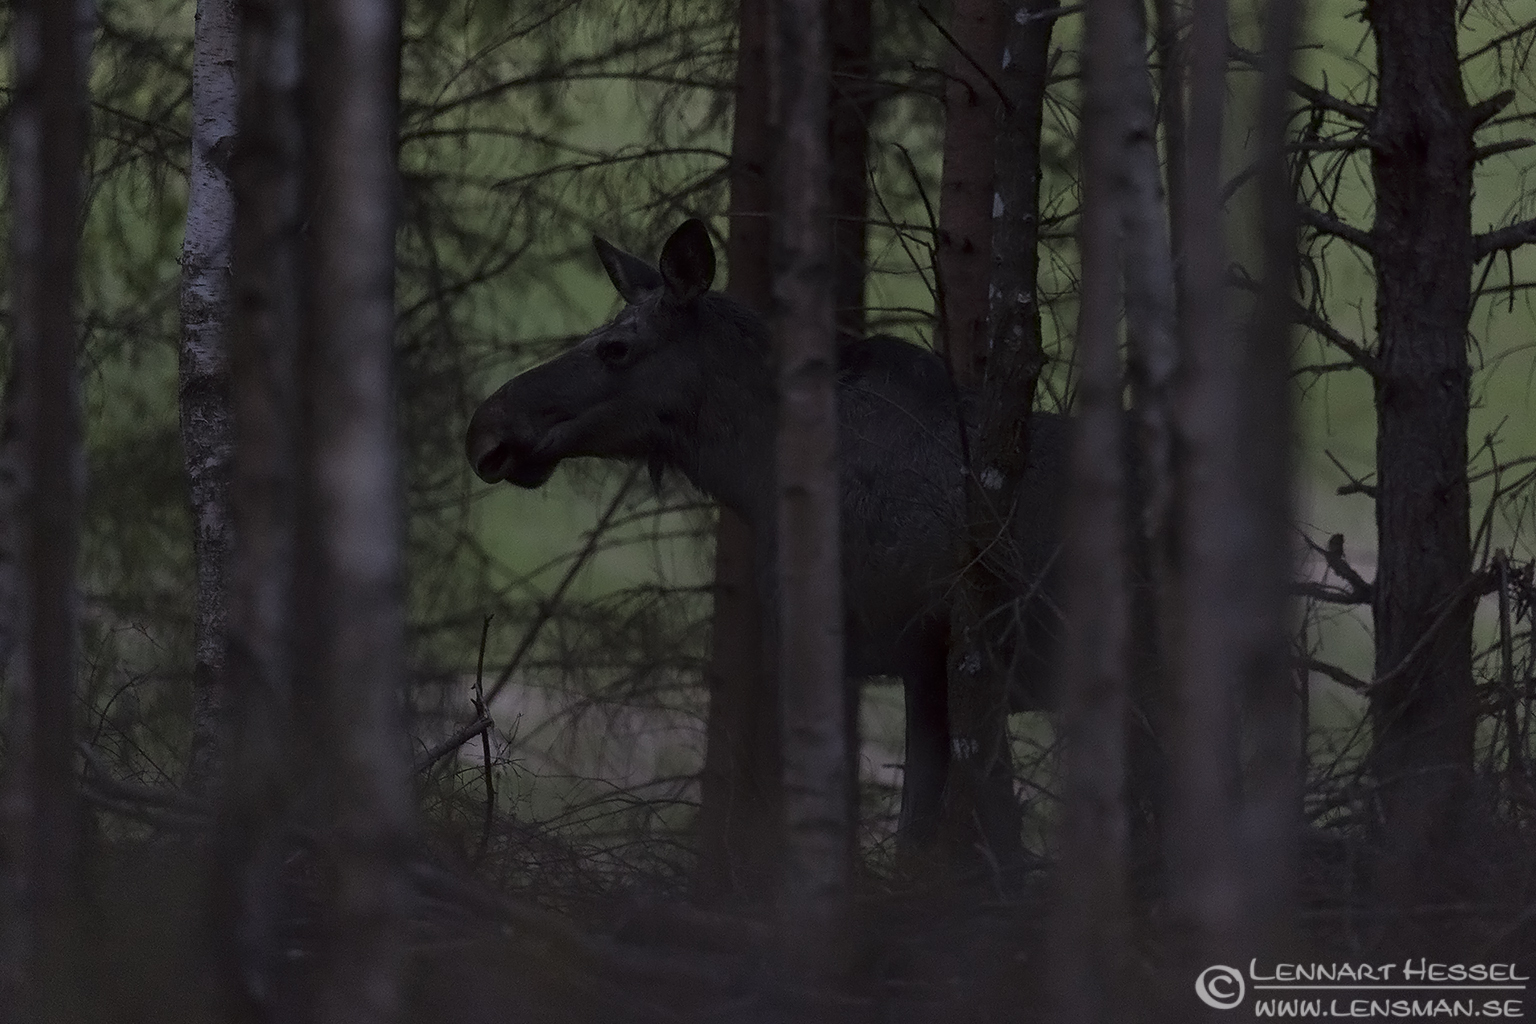 Elk in the wood